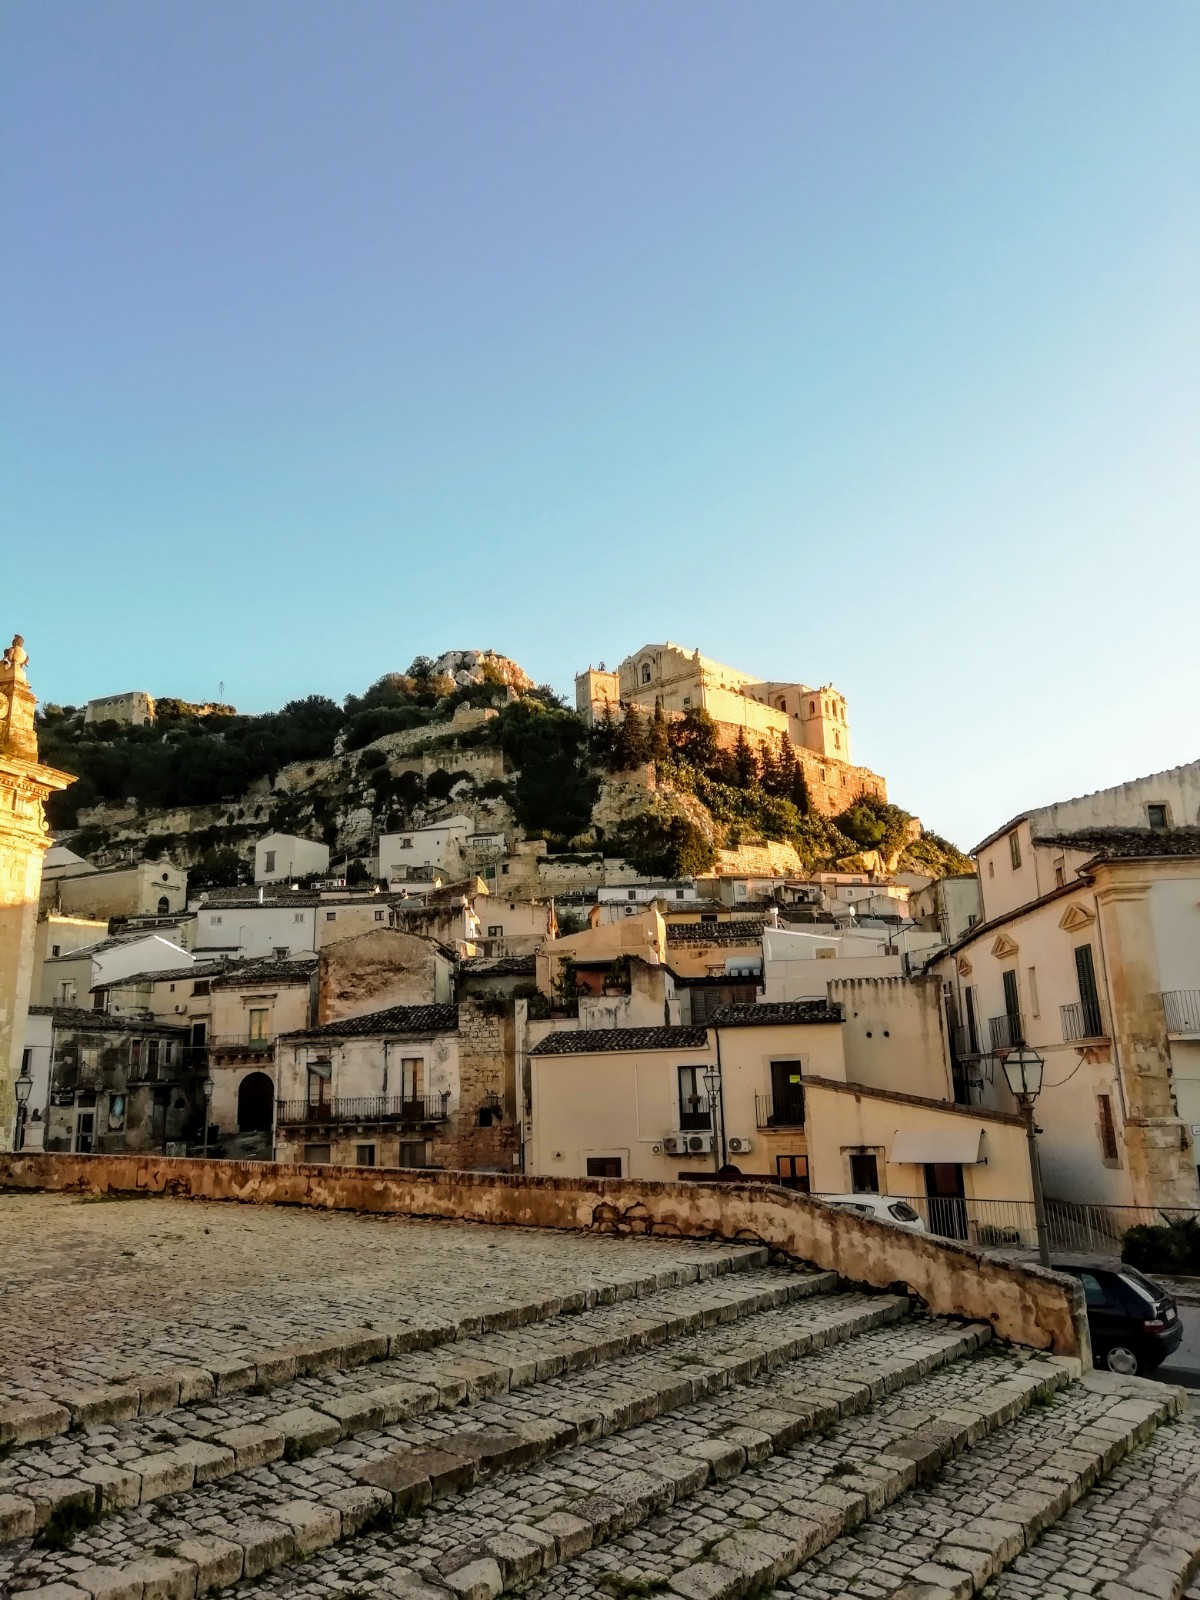 La domenica tra il barocco siciliano, alla scoperta di Modica e Scicli